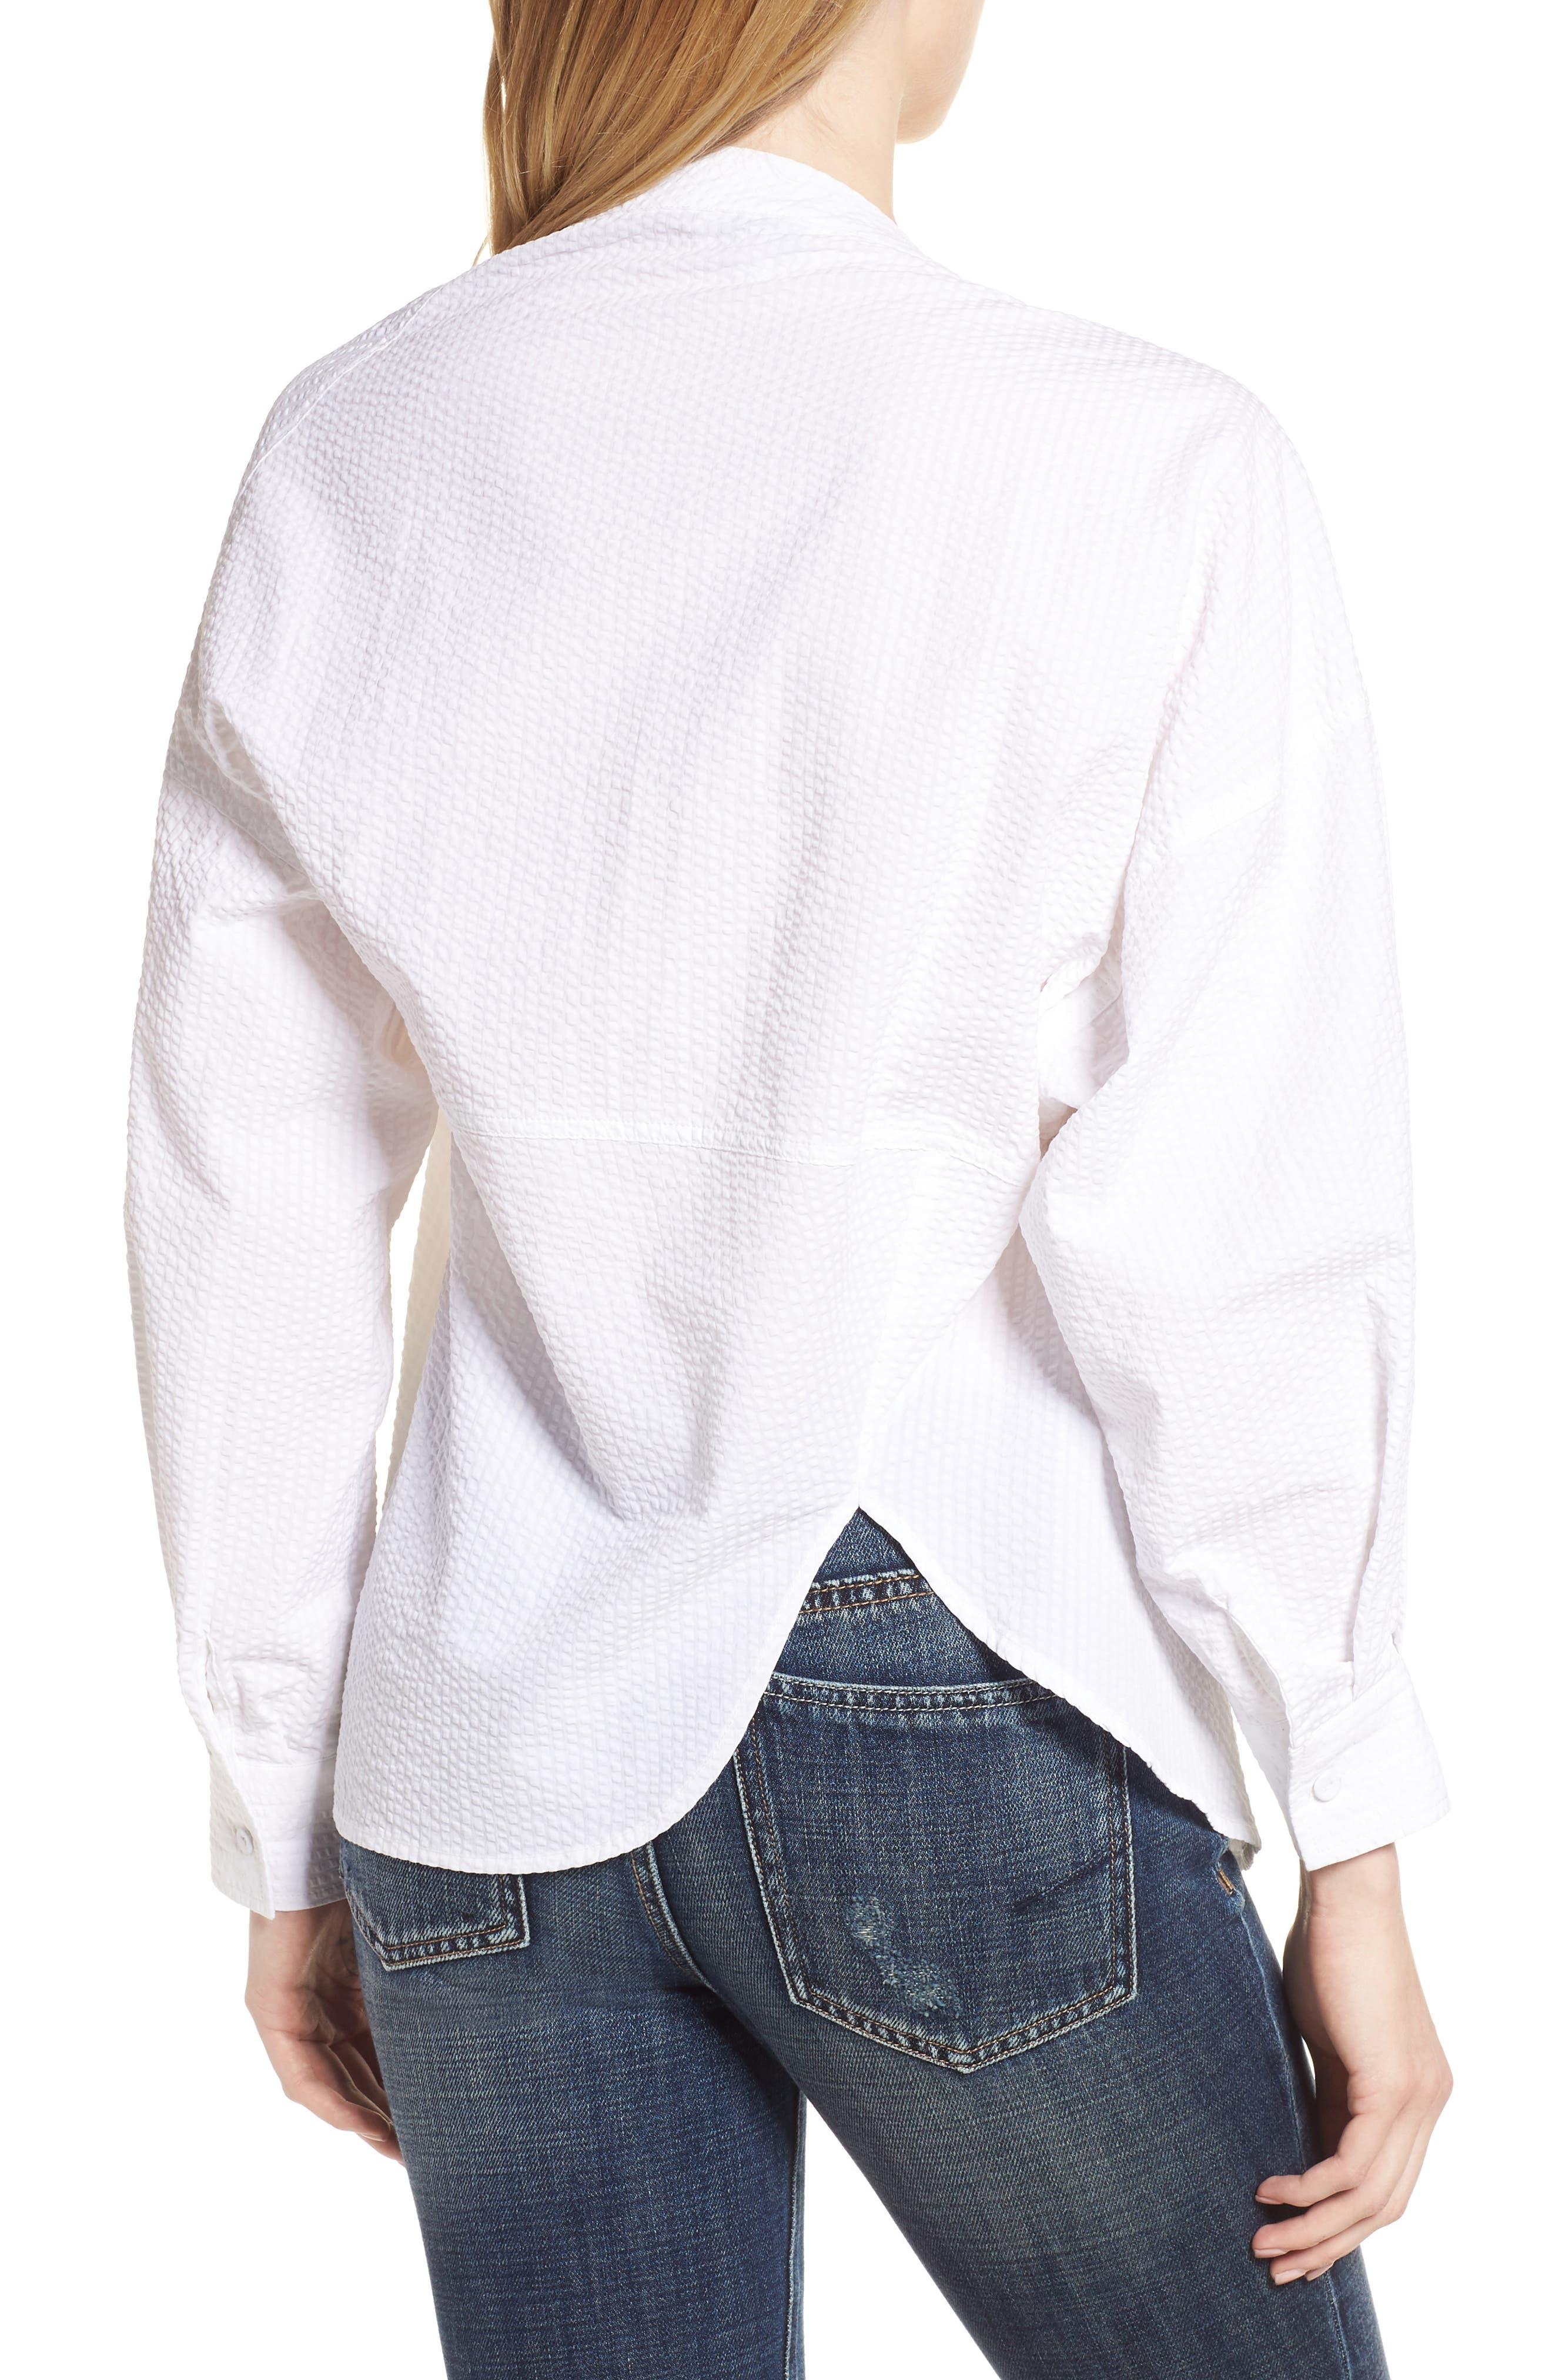 Daphne One Shoulder Cotton Top,                             Alternate thumbnail 2, color,                             150